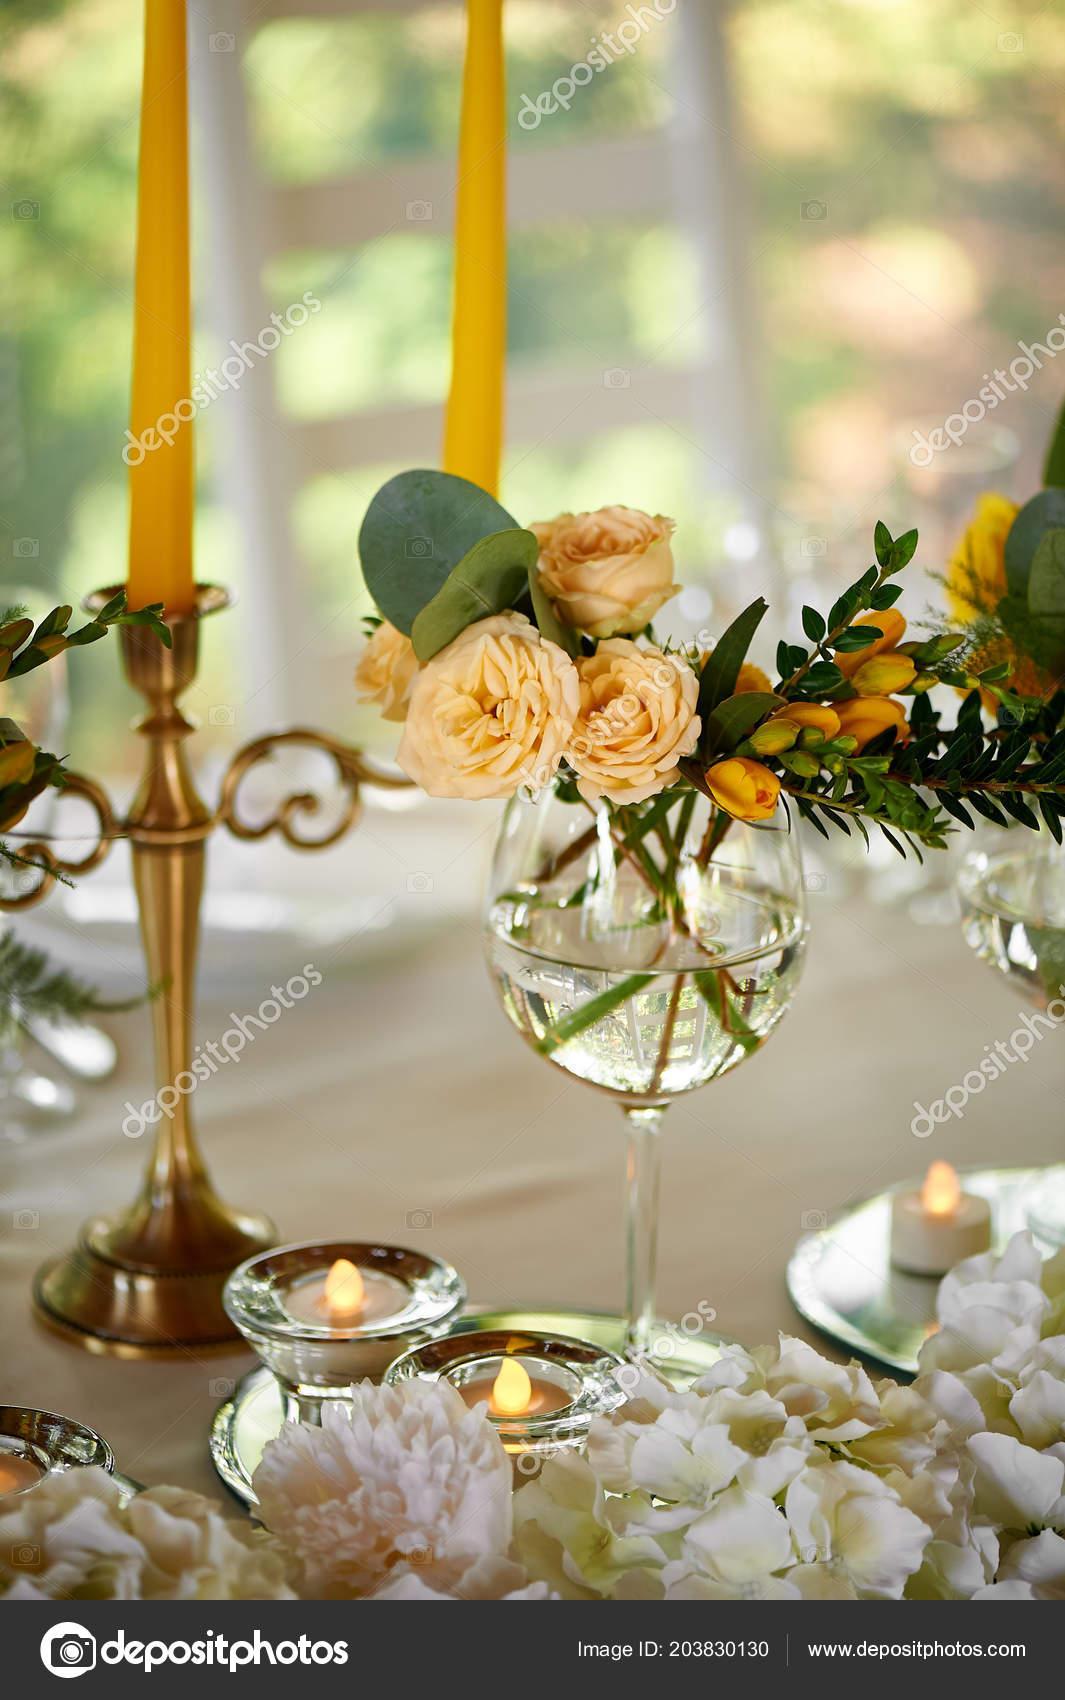 Zlute Kvety Podrobnosti O Kvetinovou Vyzdobou Svatebni Tabule